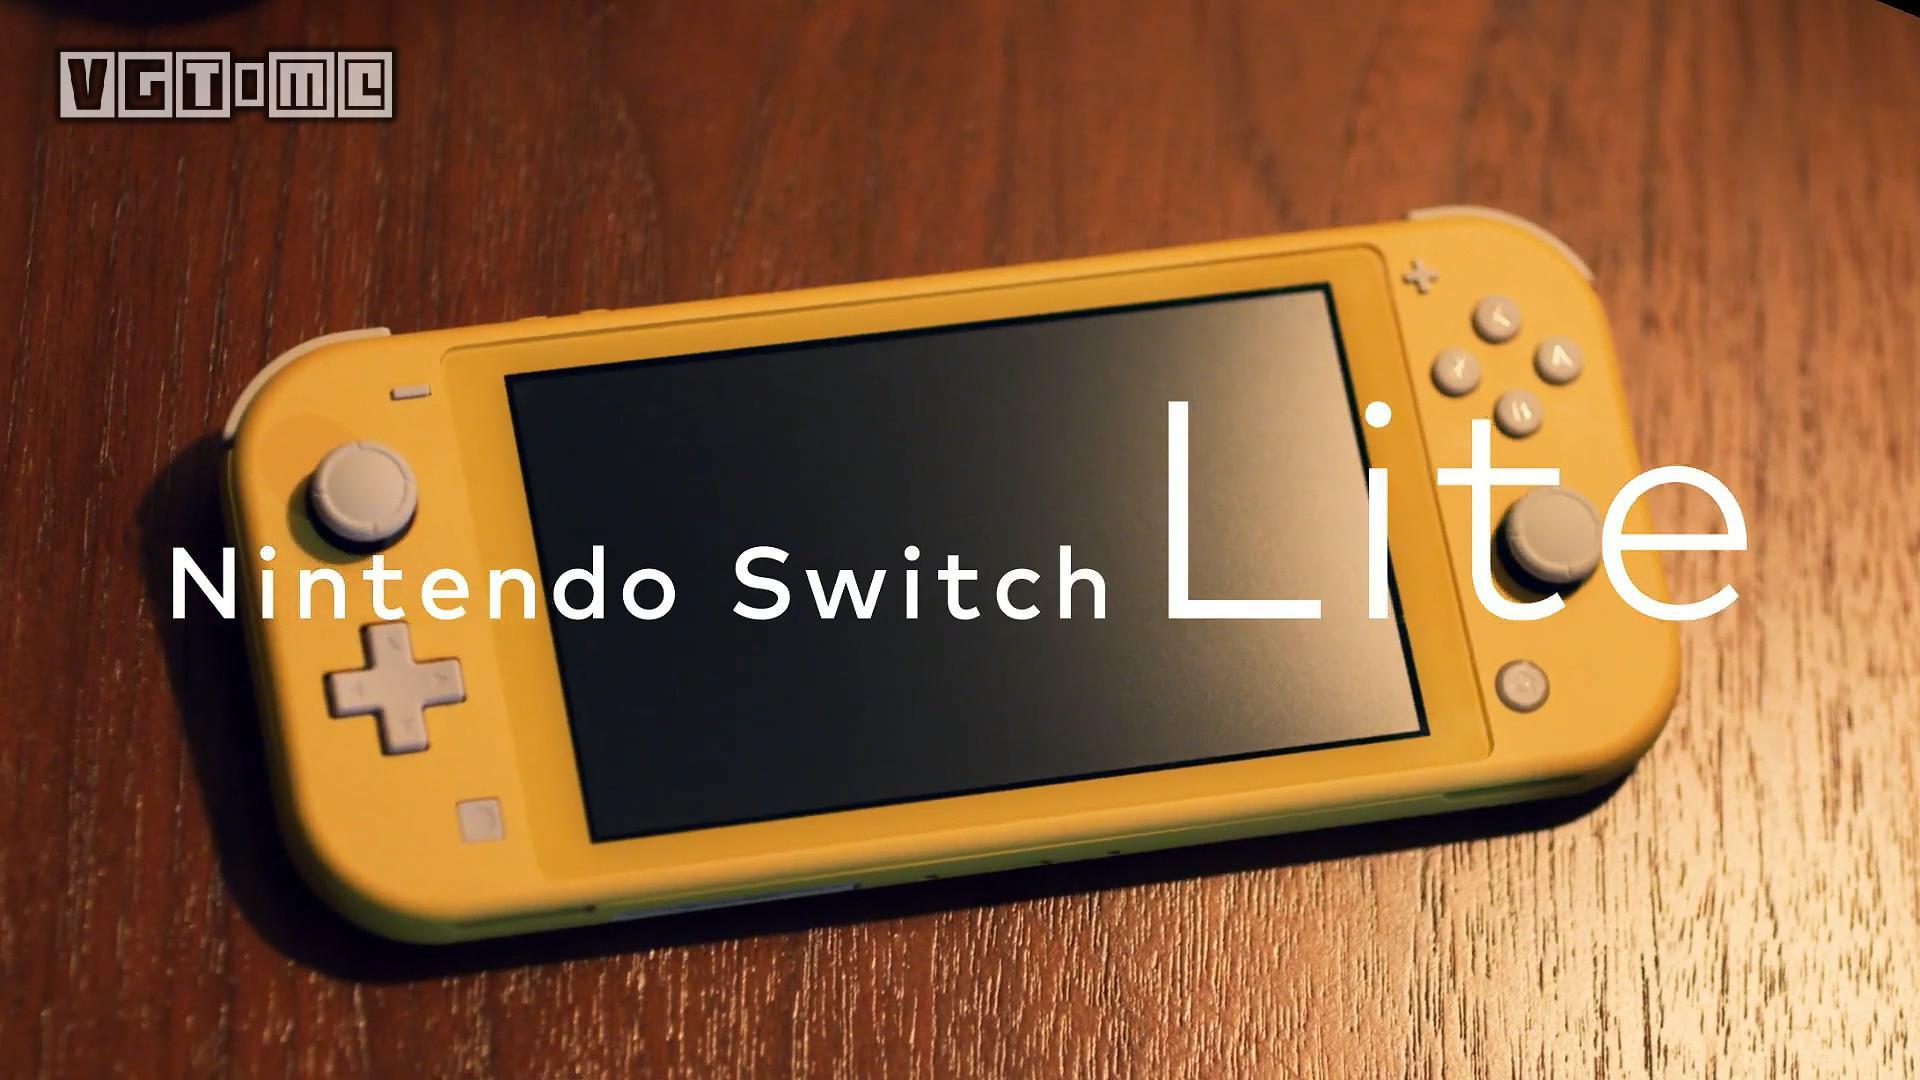 任天堂Switch Lite日本三天销量达11万台